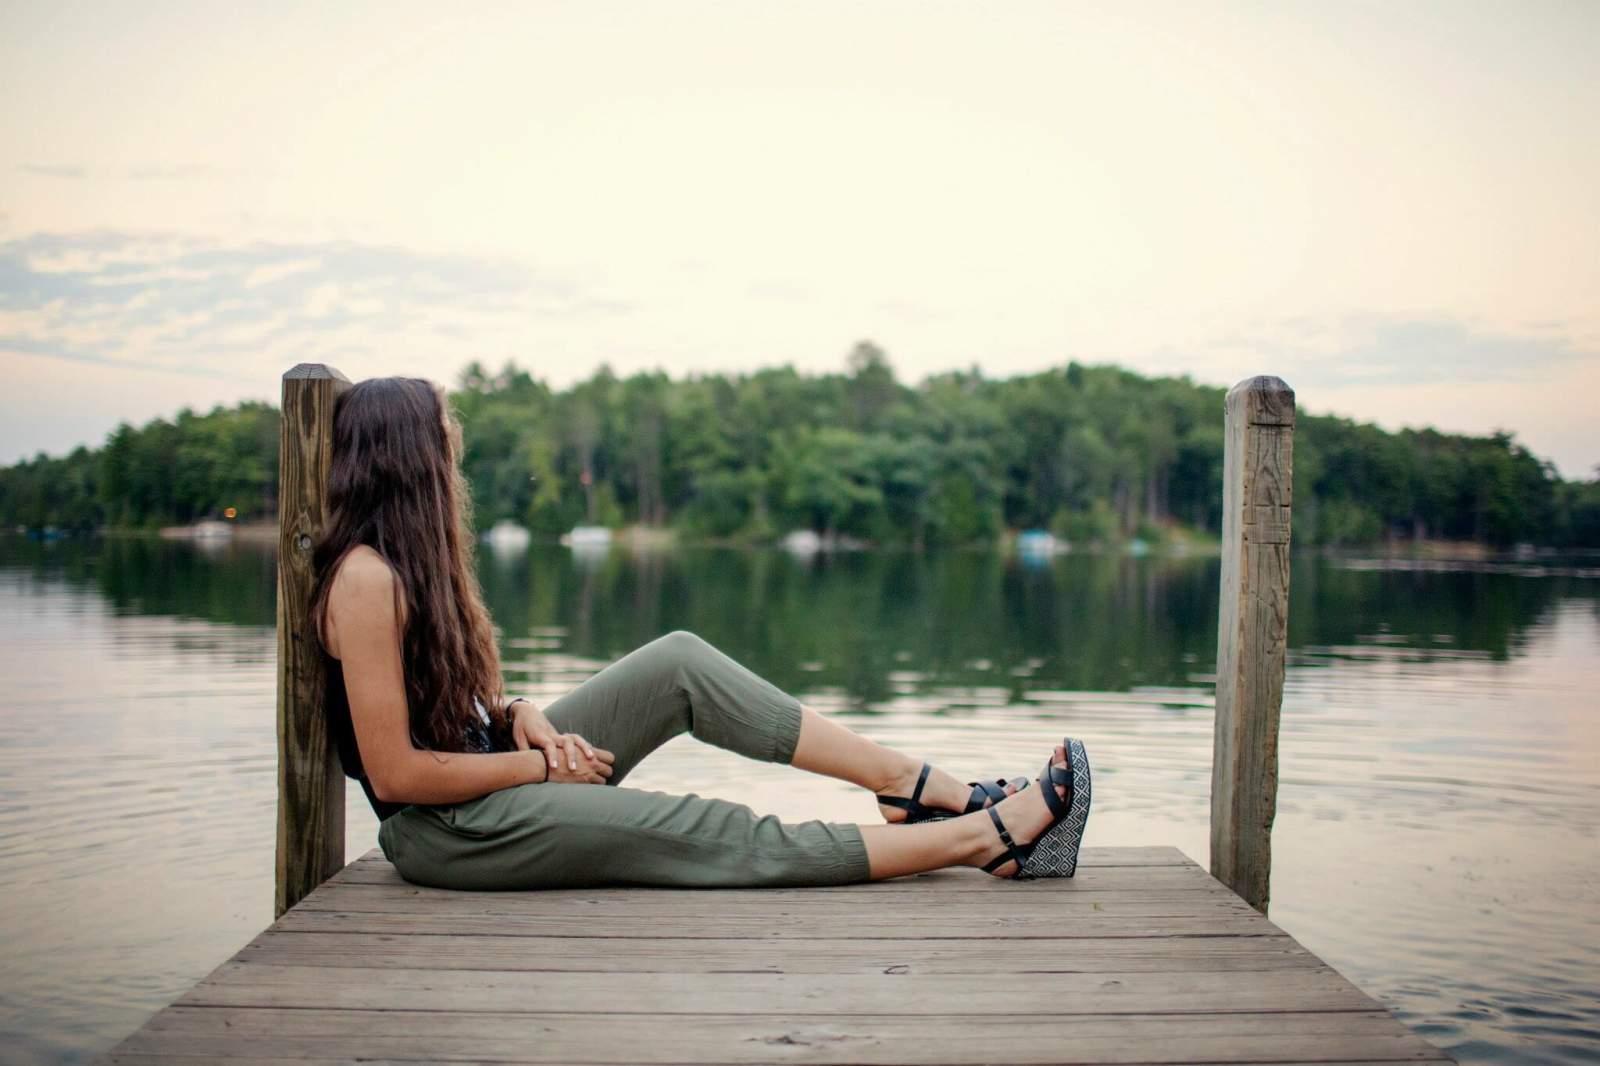 femme portant une tenue pantalon bohème regardant le paysage